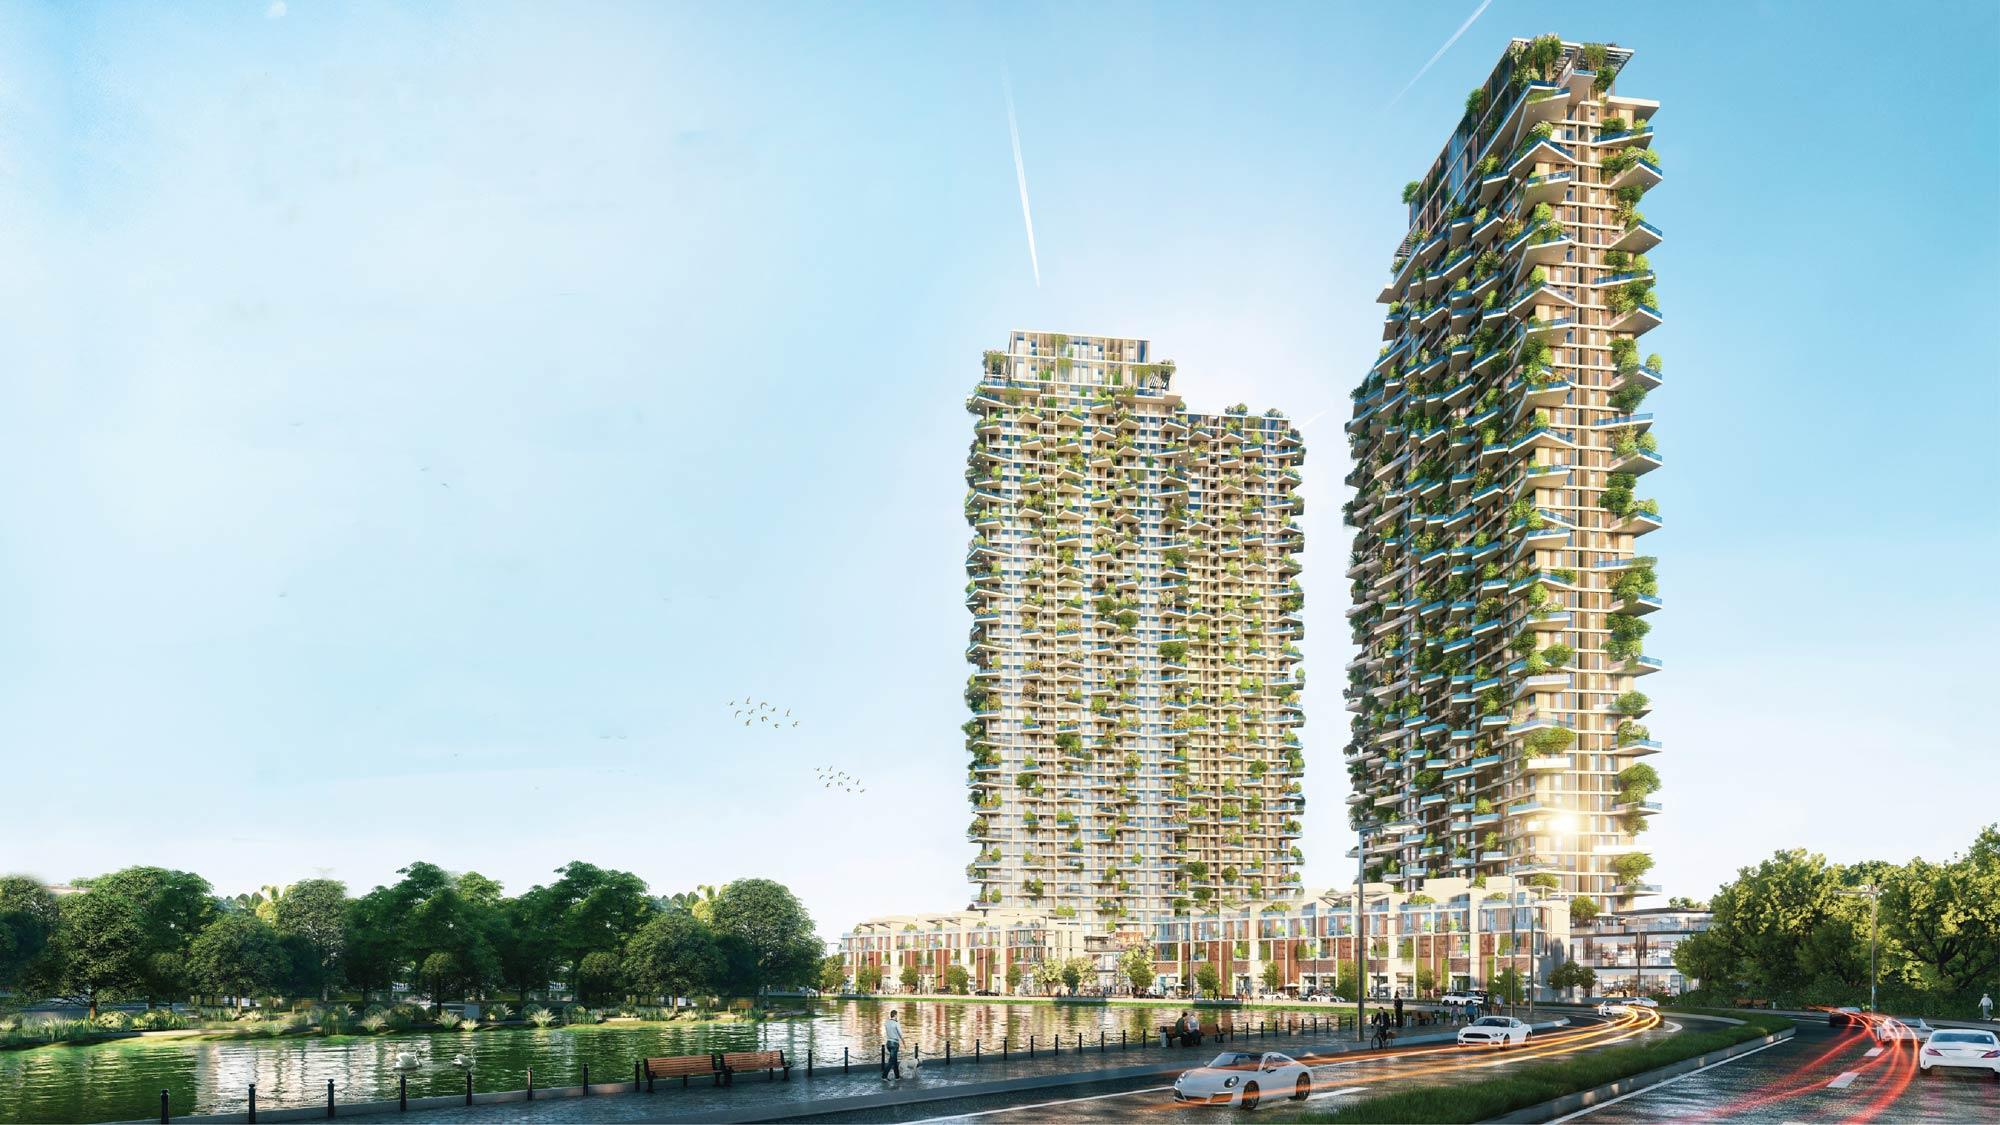 Sol Forest là dự án đầu tiên tại Hà Nội được xây dựng theo mô hình Vertical Forest